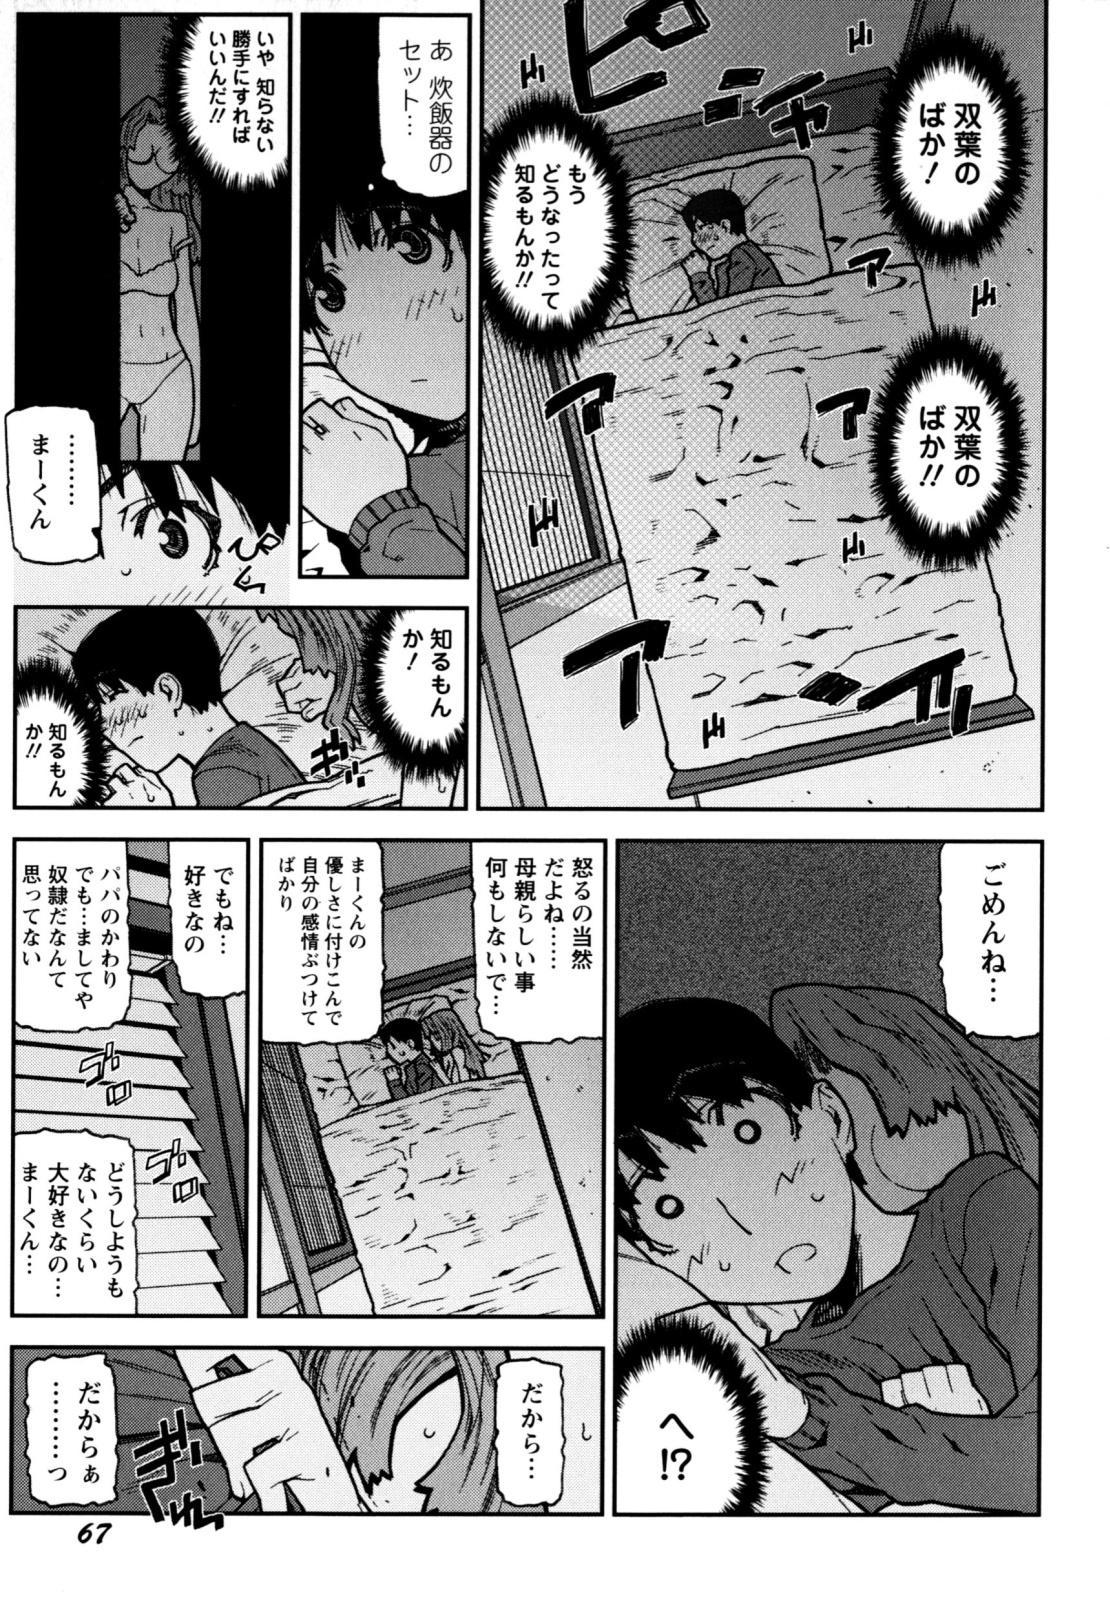 Fukuro no Nakami 70